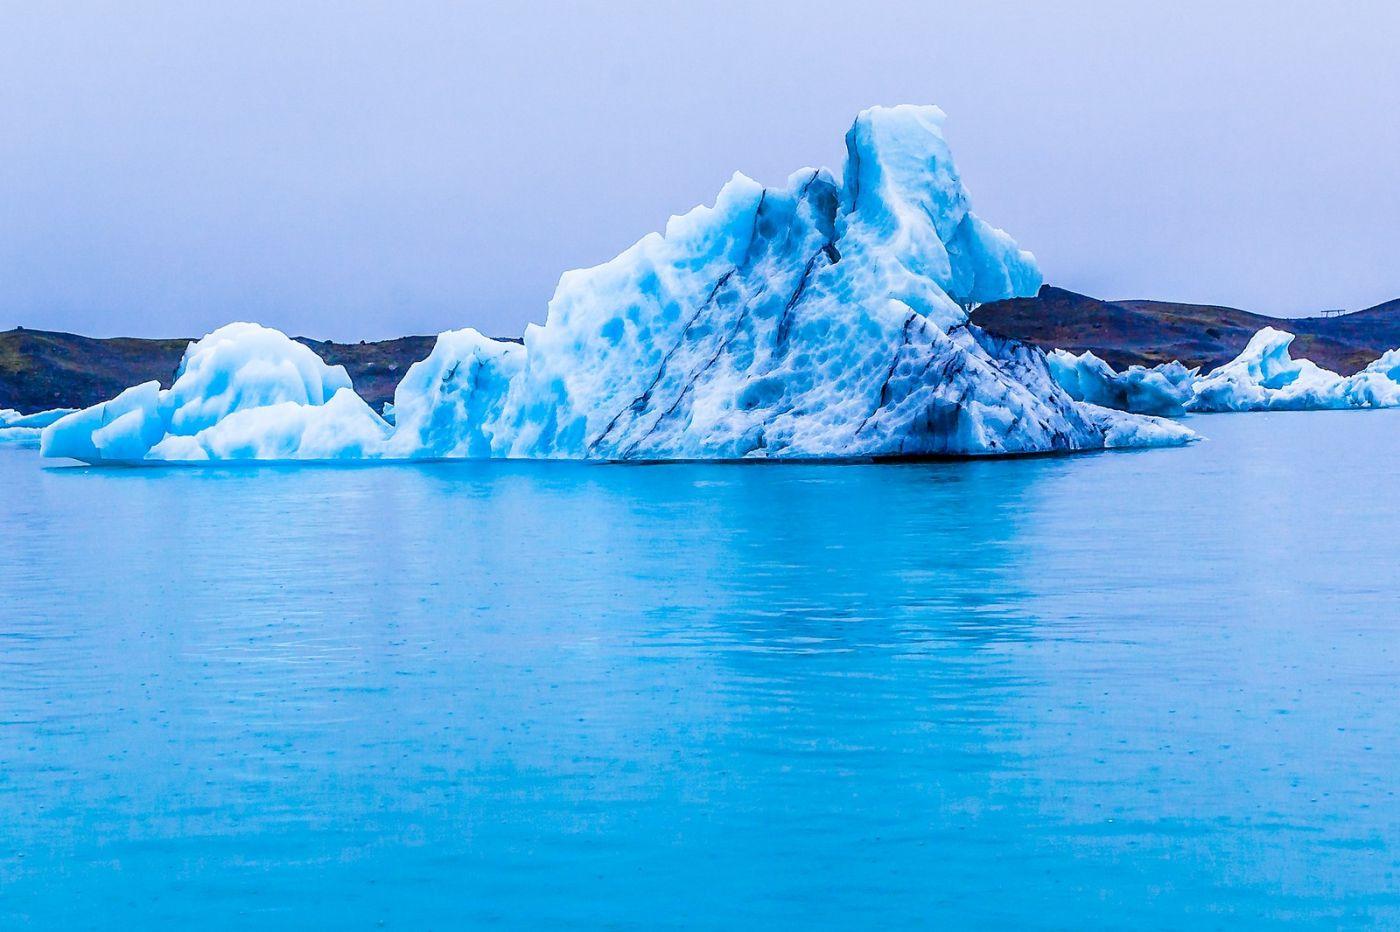 冰岛冰川泻湖(Glacier Lagoon),自然雕塑_图1-25